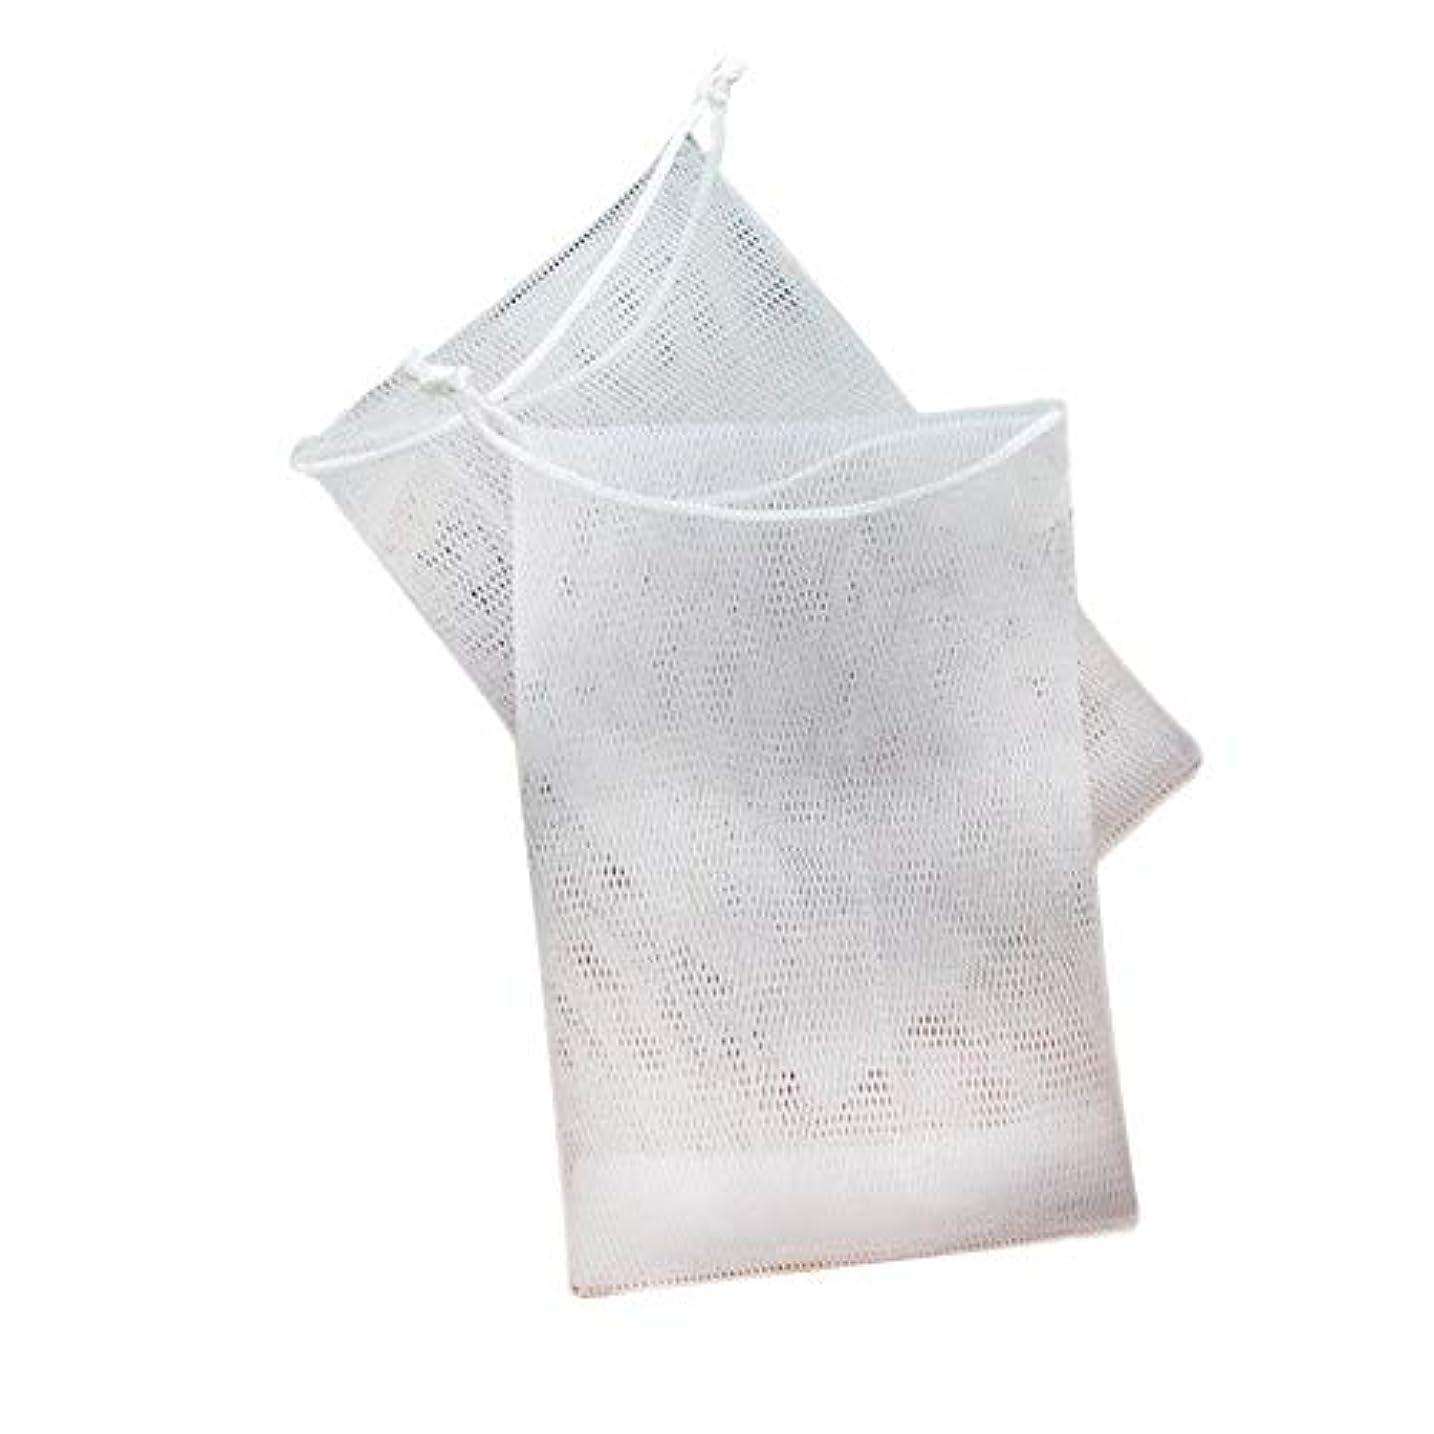 シンプルさ非常に月曜日石鹸の袋の網のドローストリング袋は ハンドメイドの石鹸の泡泡ネットメーカーのために掛けることができます 12×9cm